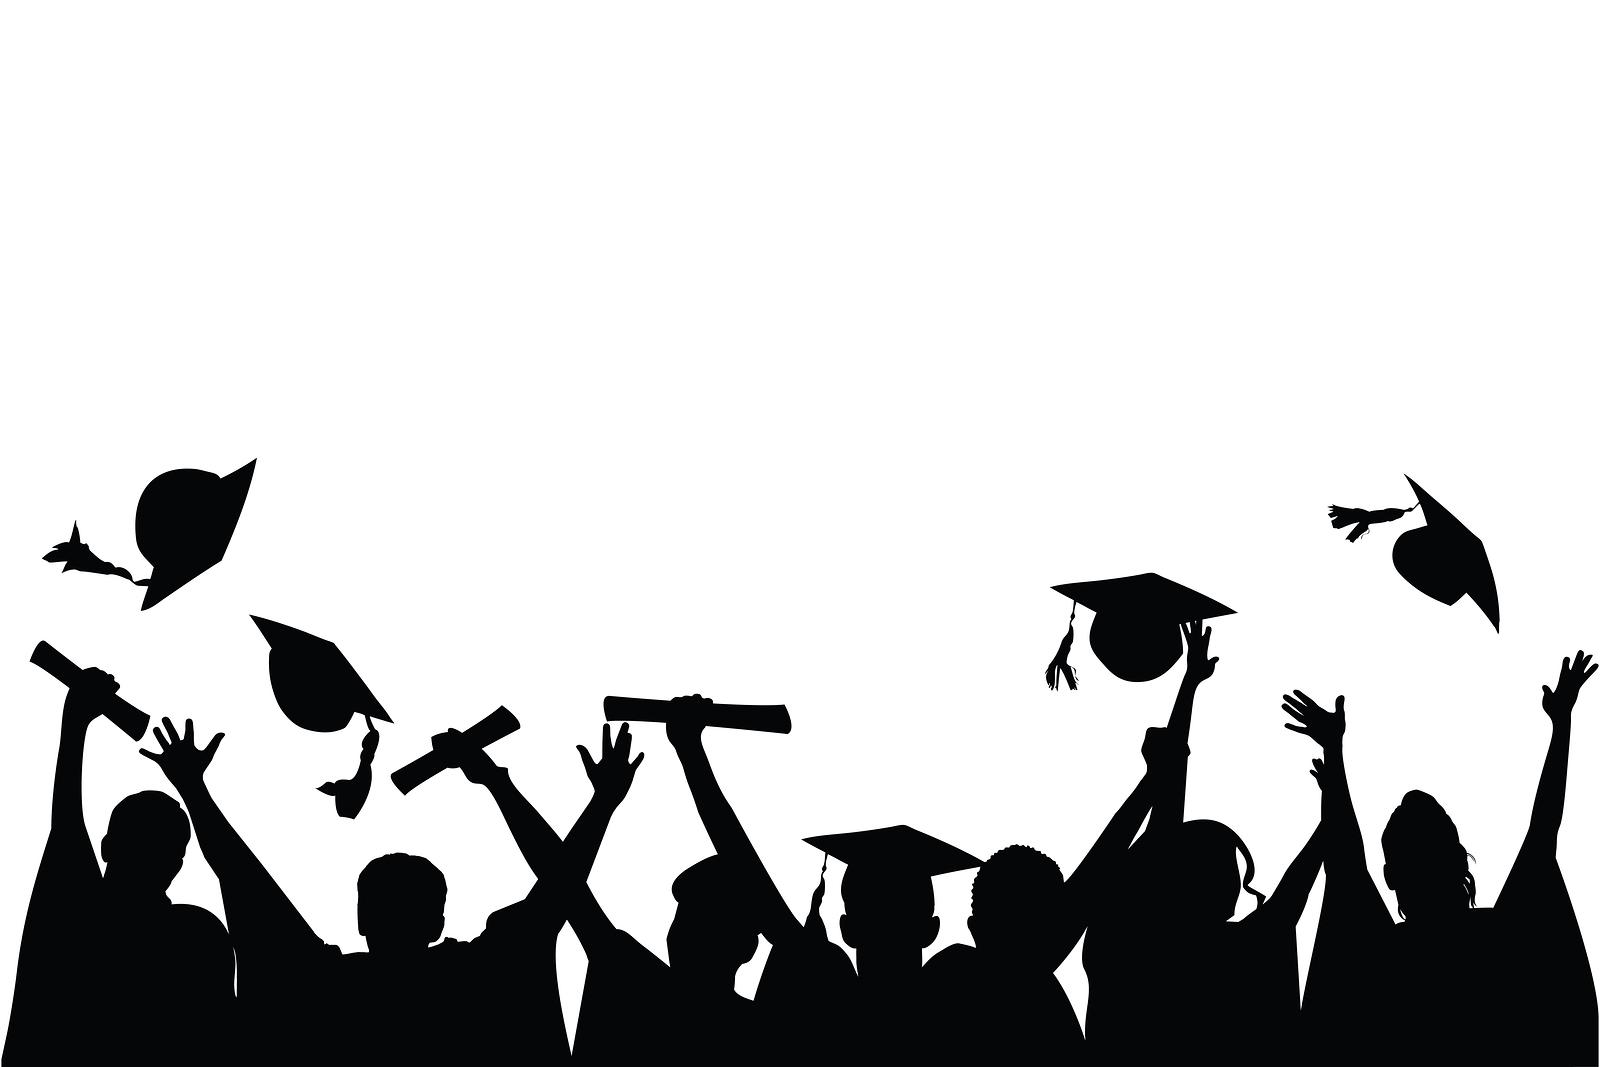 Free Graduation Png, Download Free Clip Art, Free Clip Art.